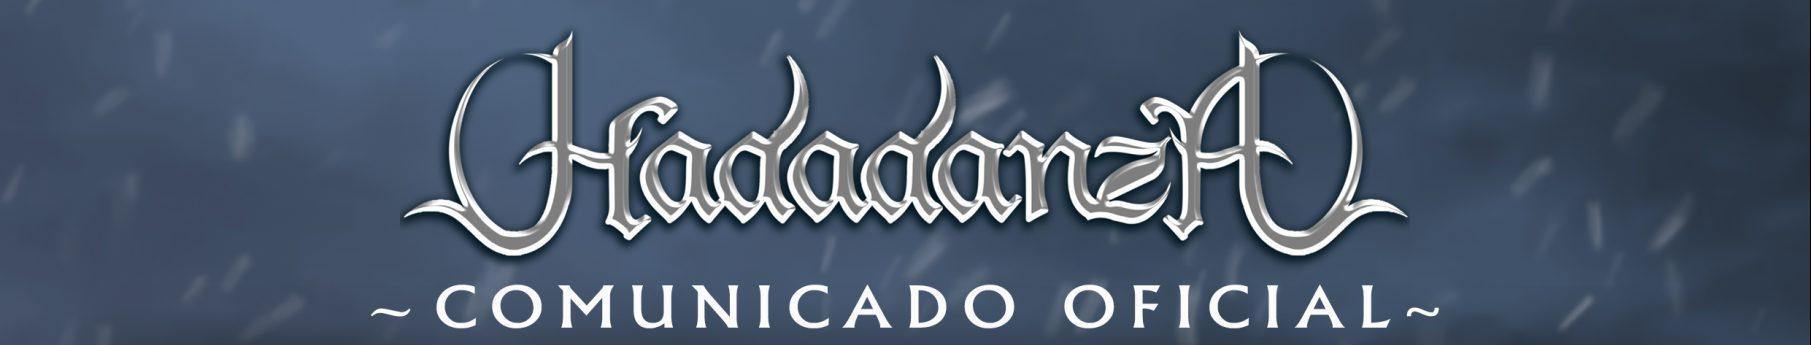 FOLK METAL ROCK - COMUNICADO IMPORTANTE DESDE EL MUNDO DE HADADANZA